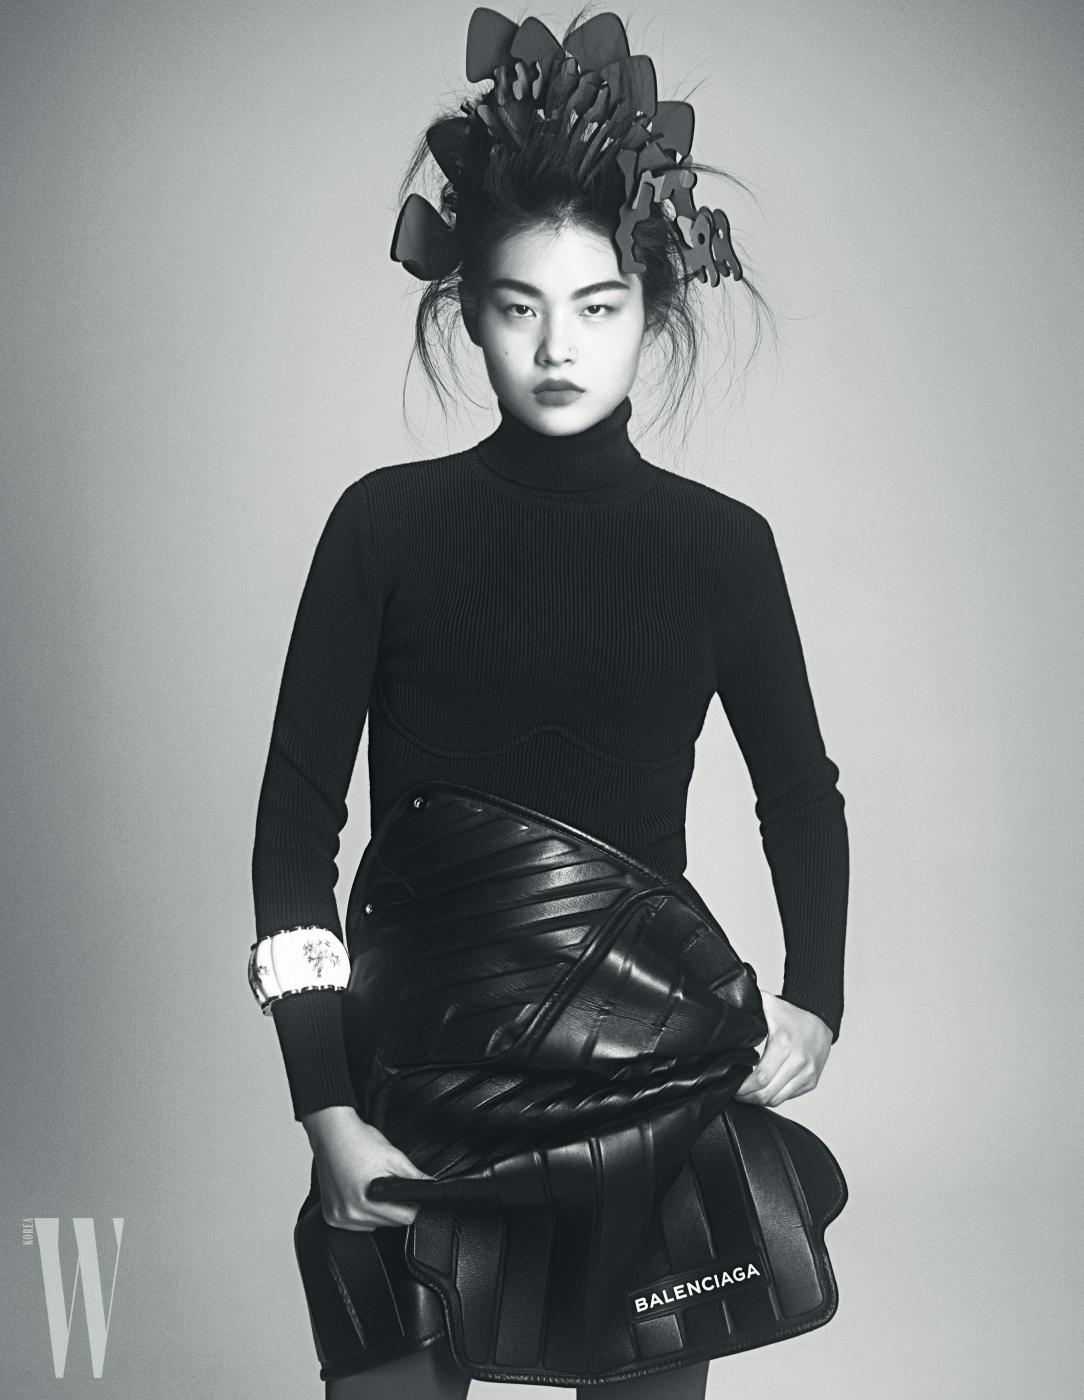 오른쪽 페이지 | 천예슬이 입은 터틀넥 톱과 가죽 스커트, 뱅글은 모두 Balenciaga 제품.